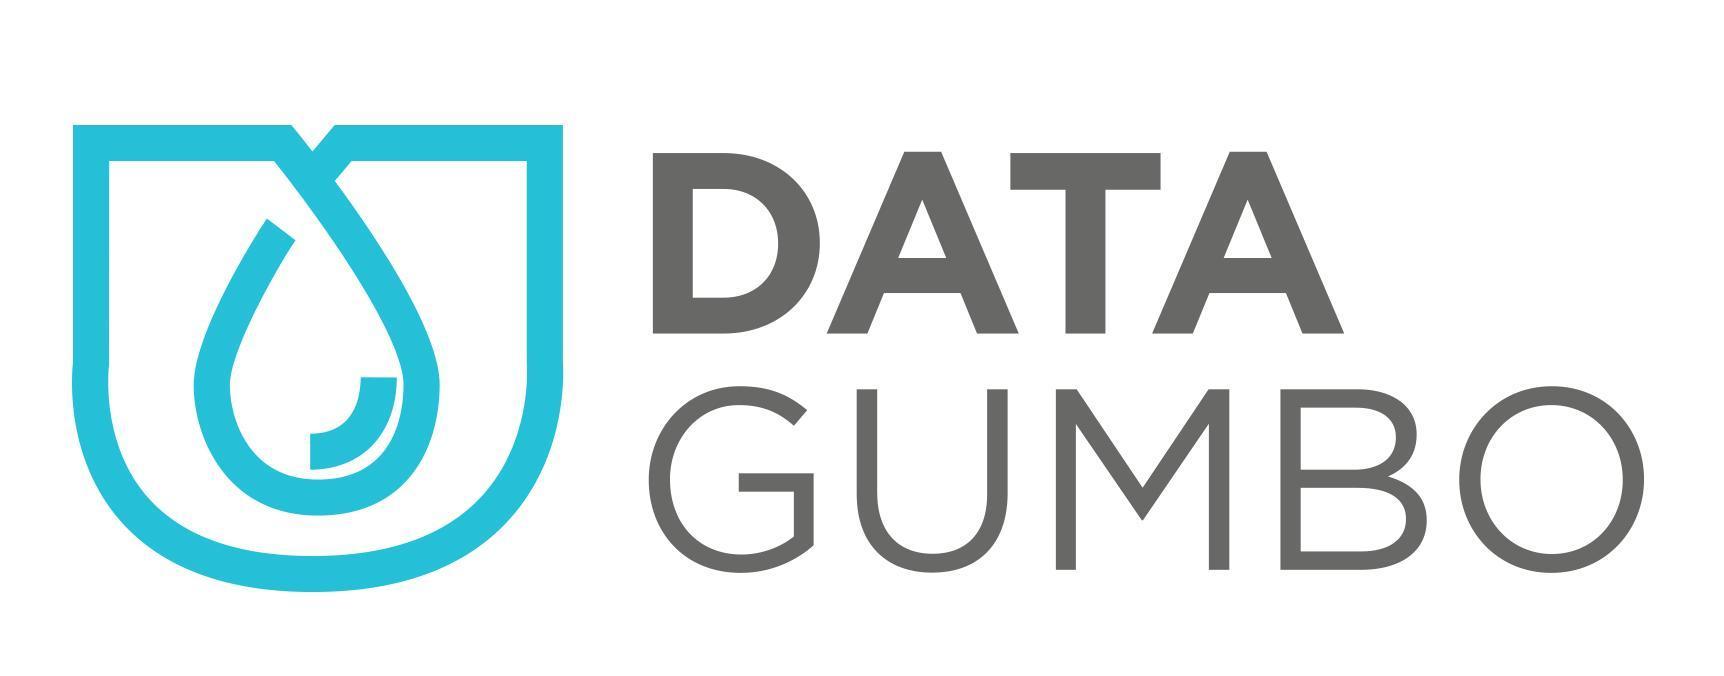 Data Gumbo company logo